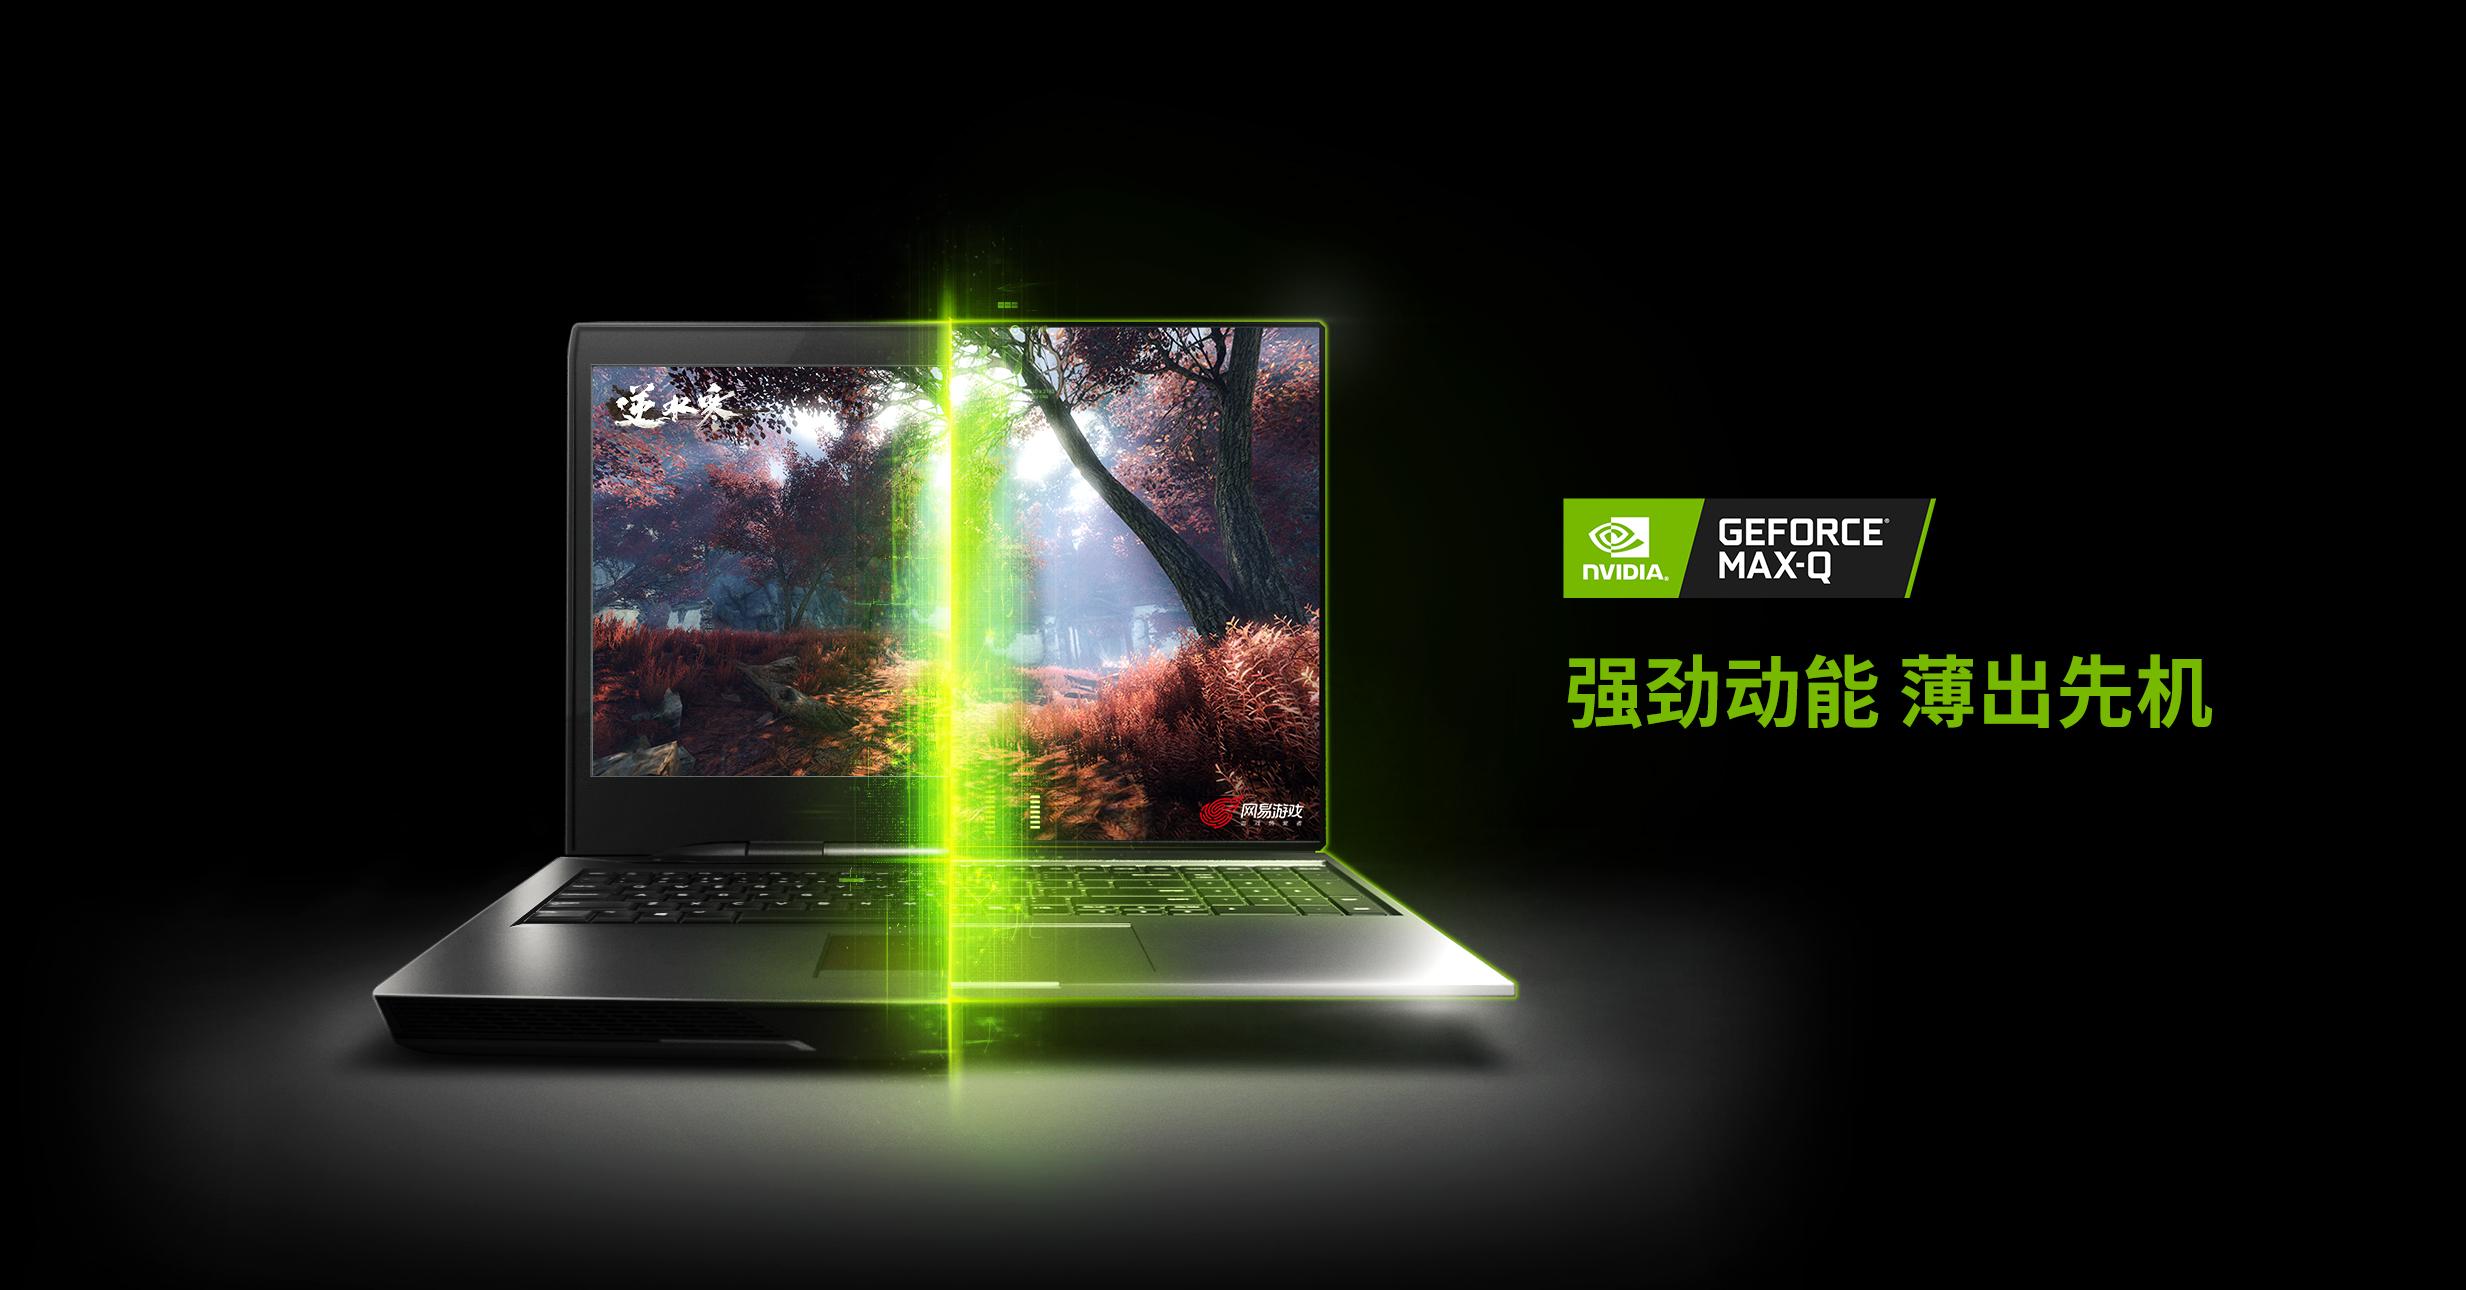 超过 40 款笔记本电脑搭载 GeForce RTX GPU